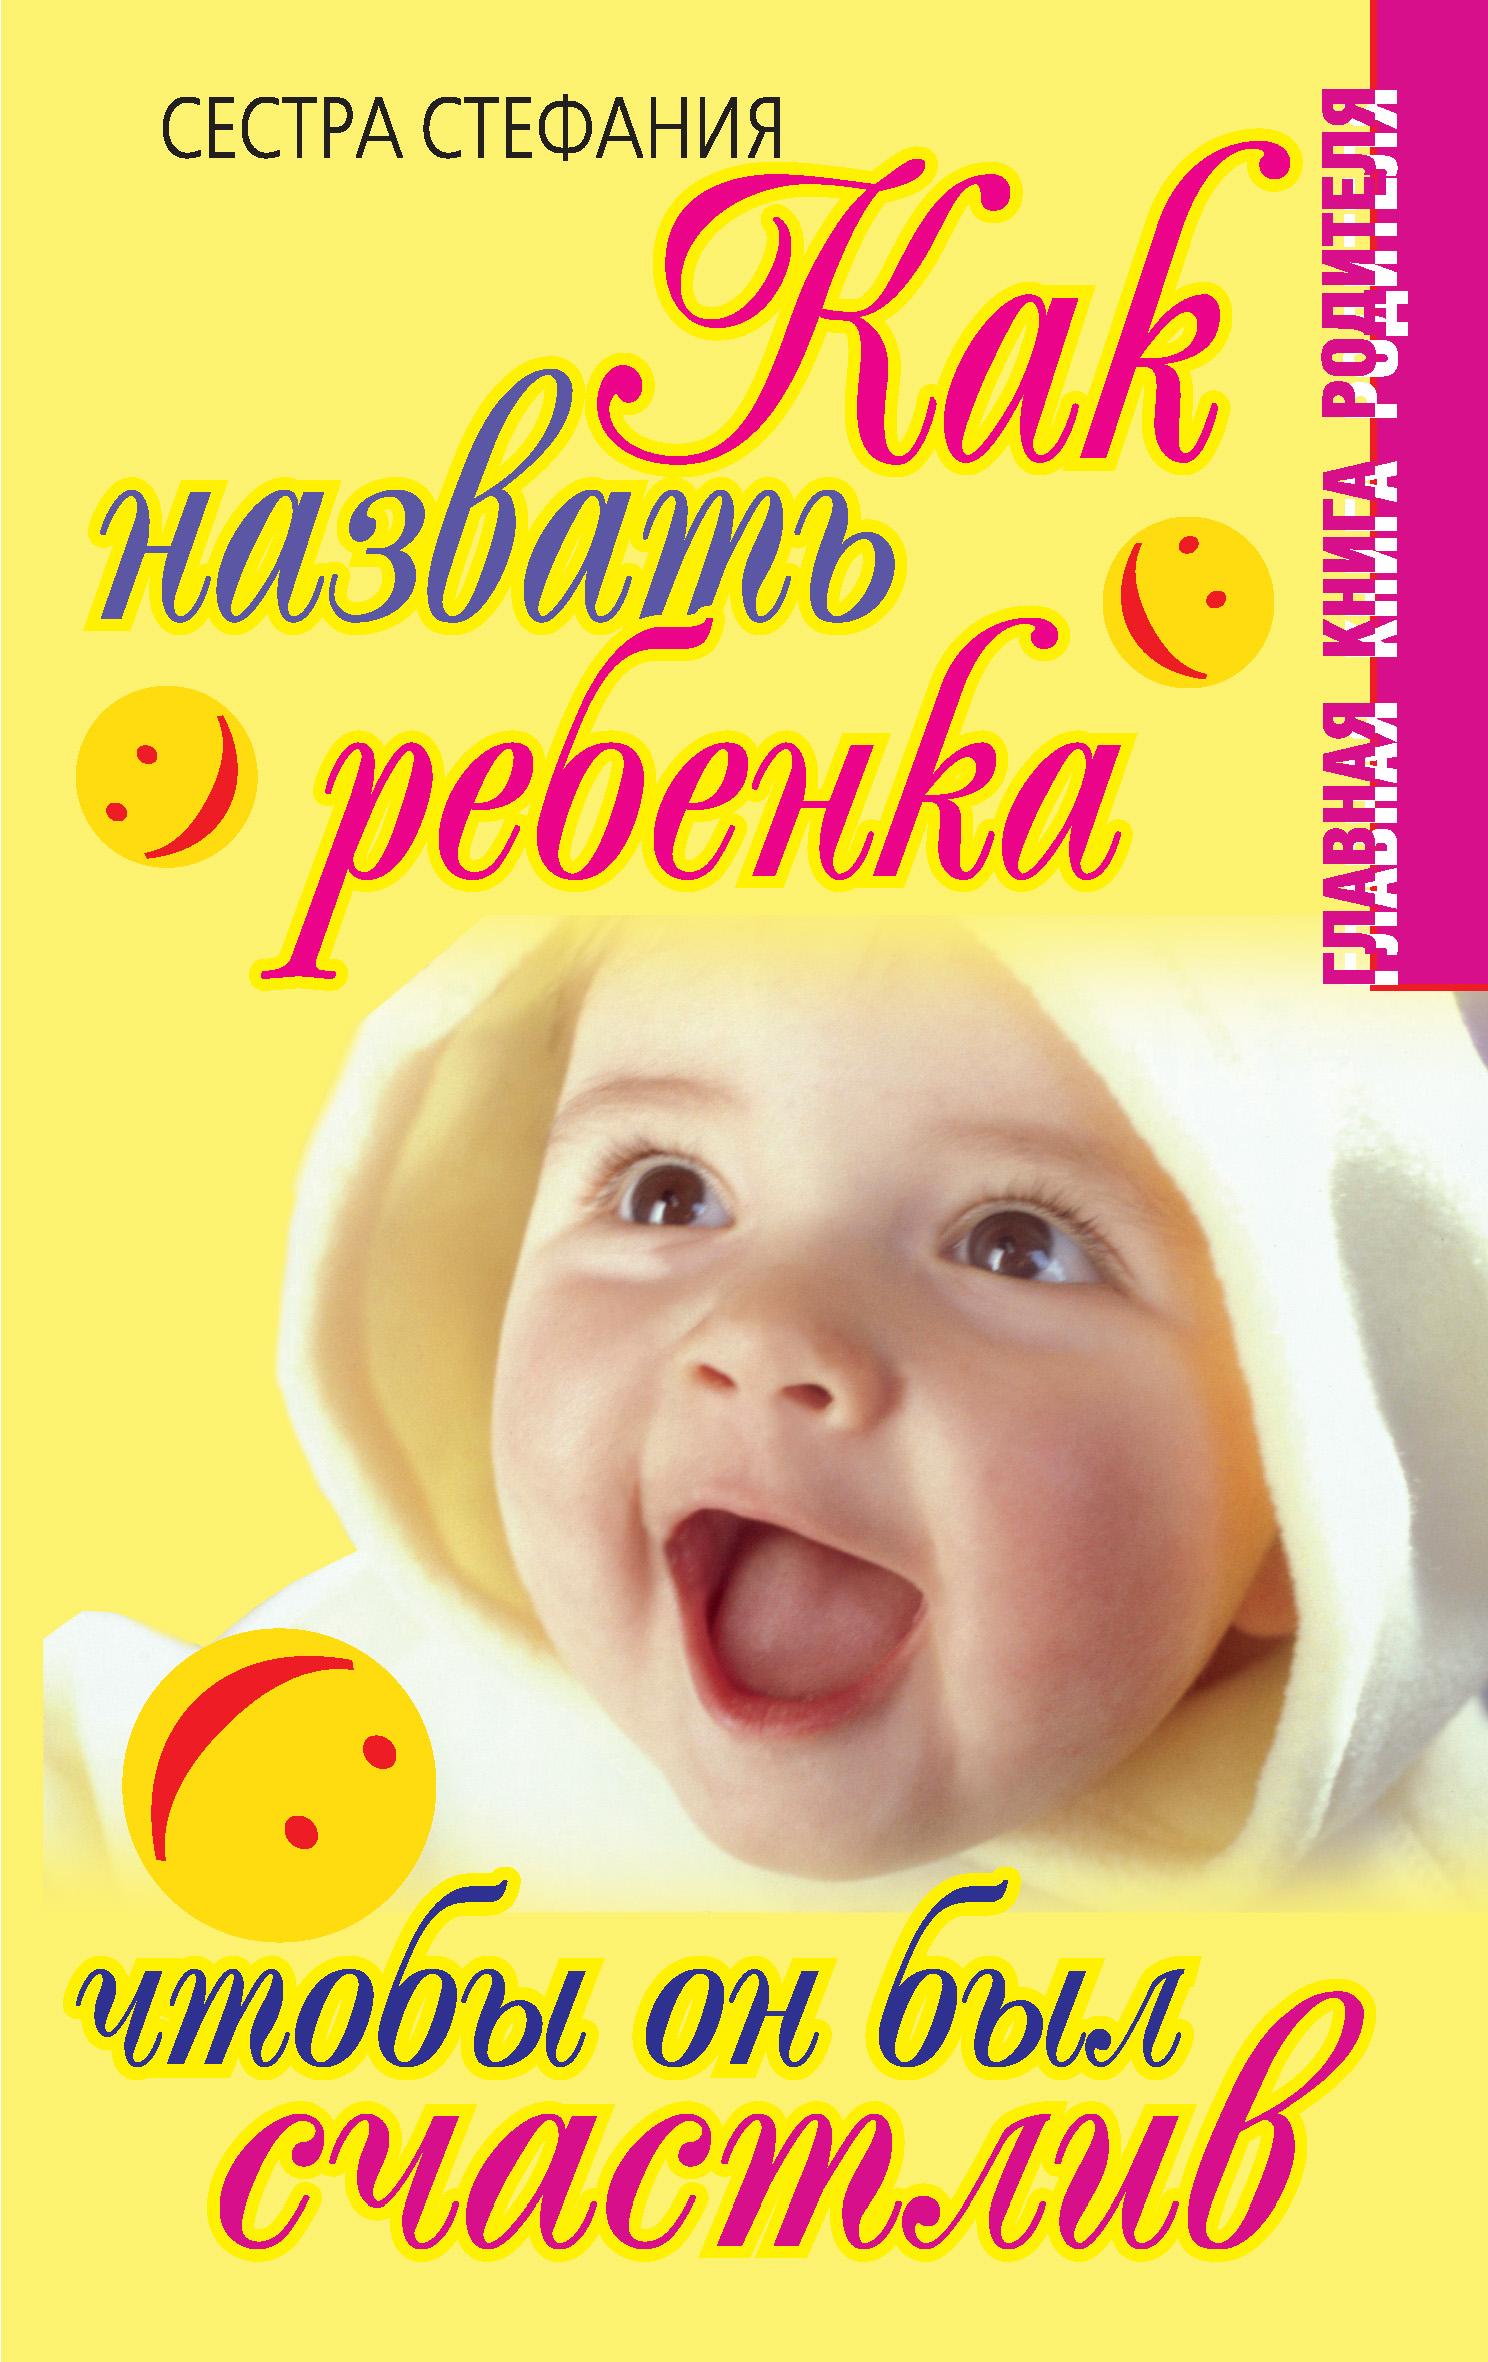 Как назвать ребенка, чтобы он был счастлив